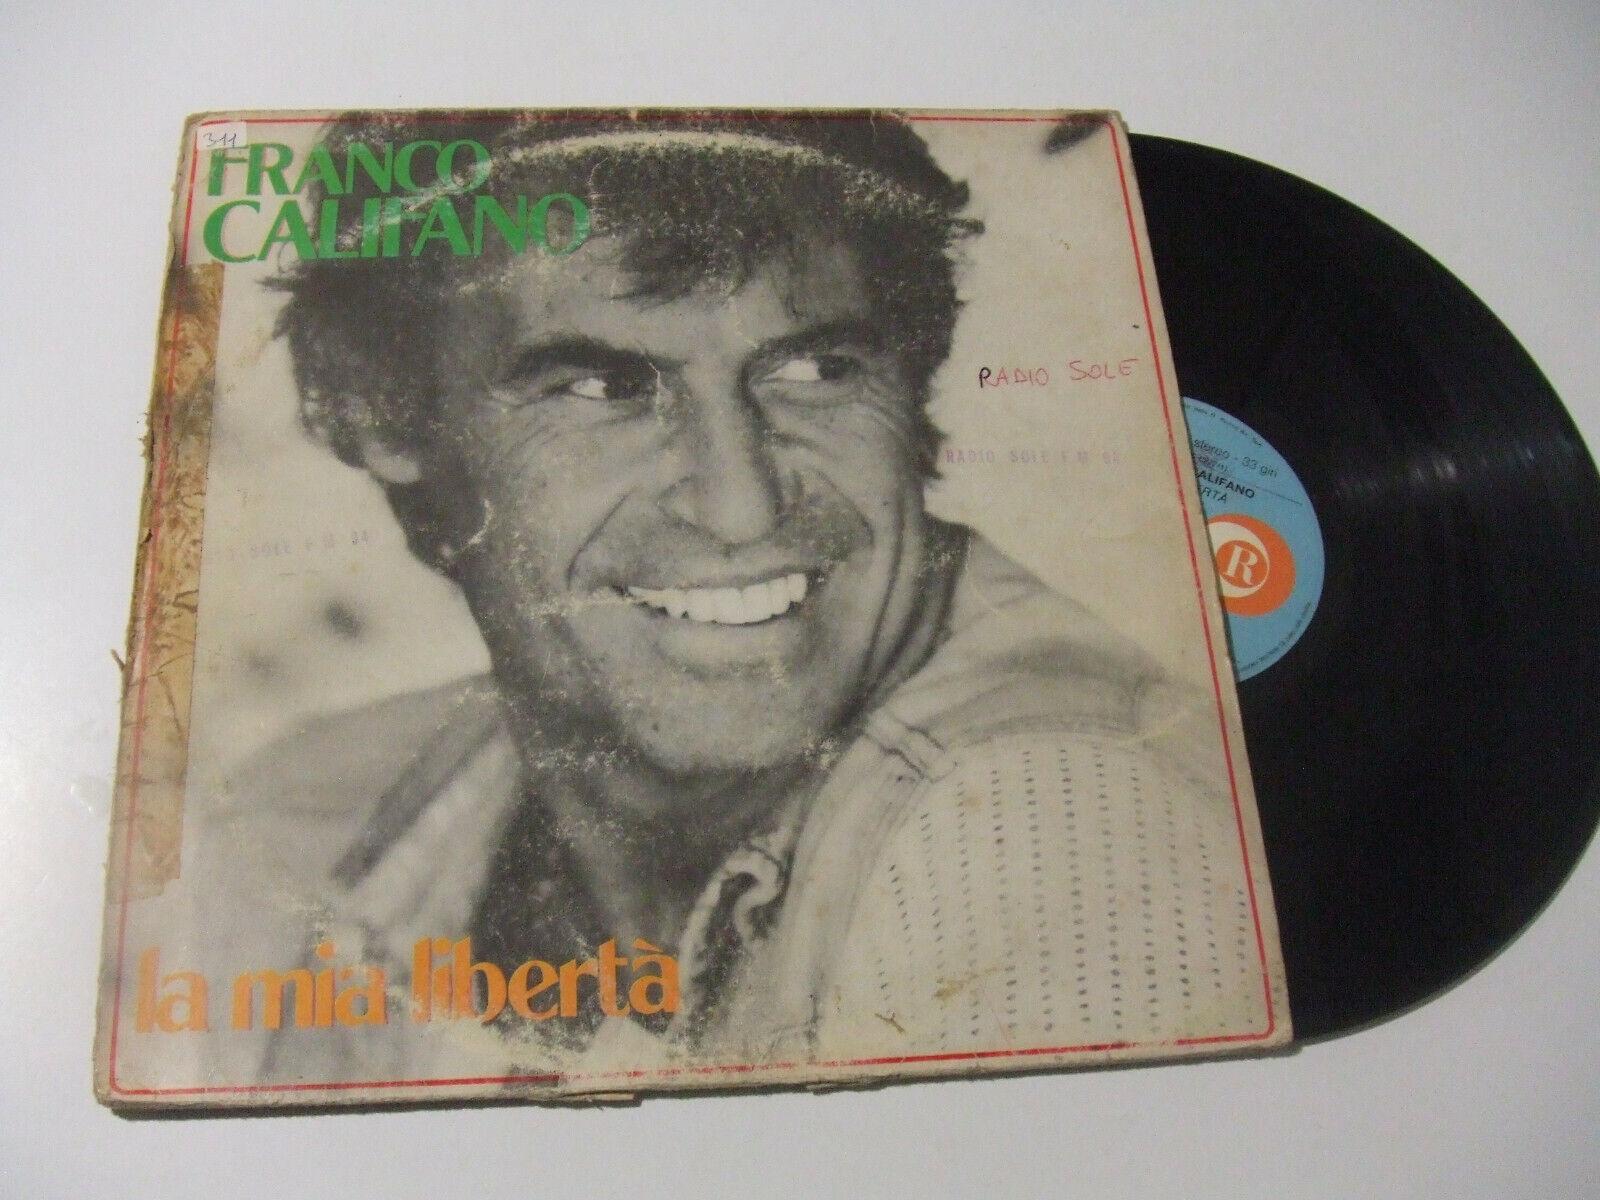 Franco Califano – La Mia Libertà - Disco Vinile 33 Giri LP Album ITALIA  1981